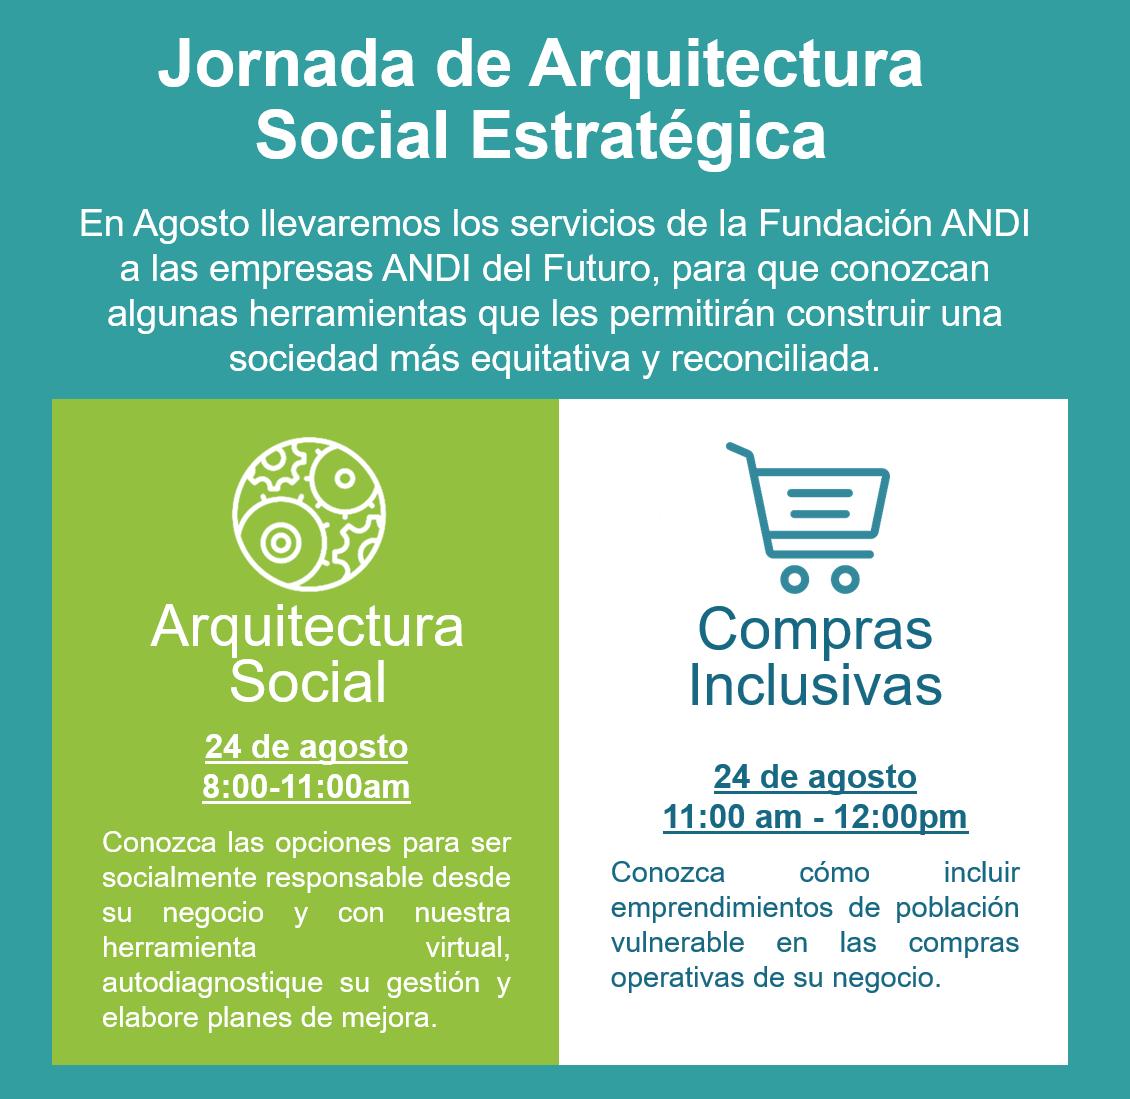 Invitaci_n_empresas_andi_del_futuro